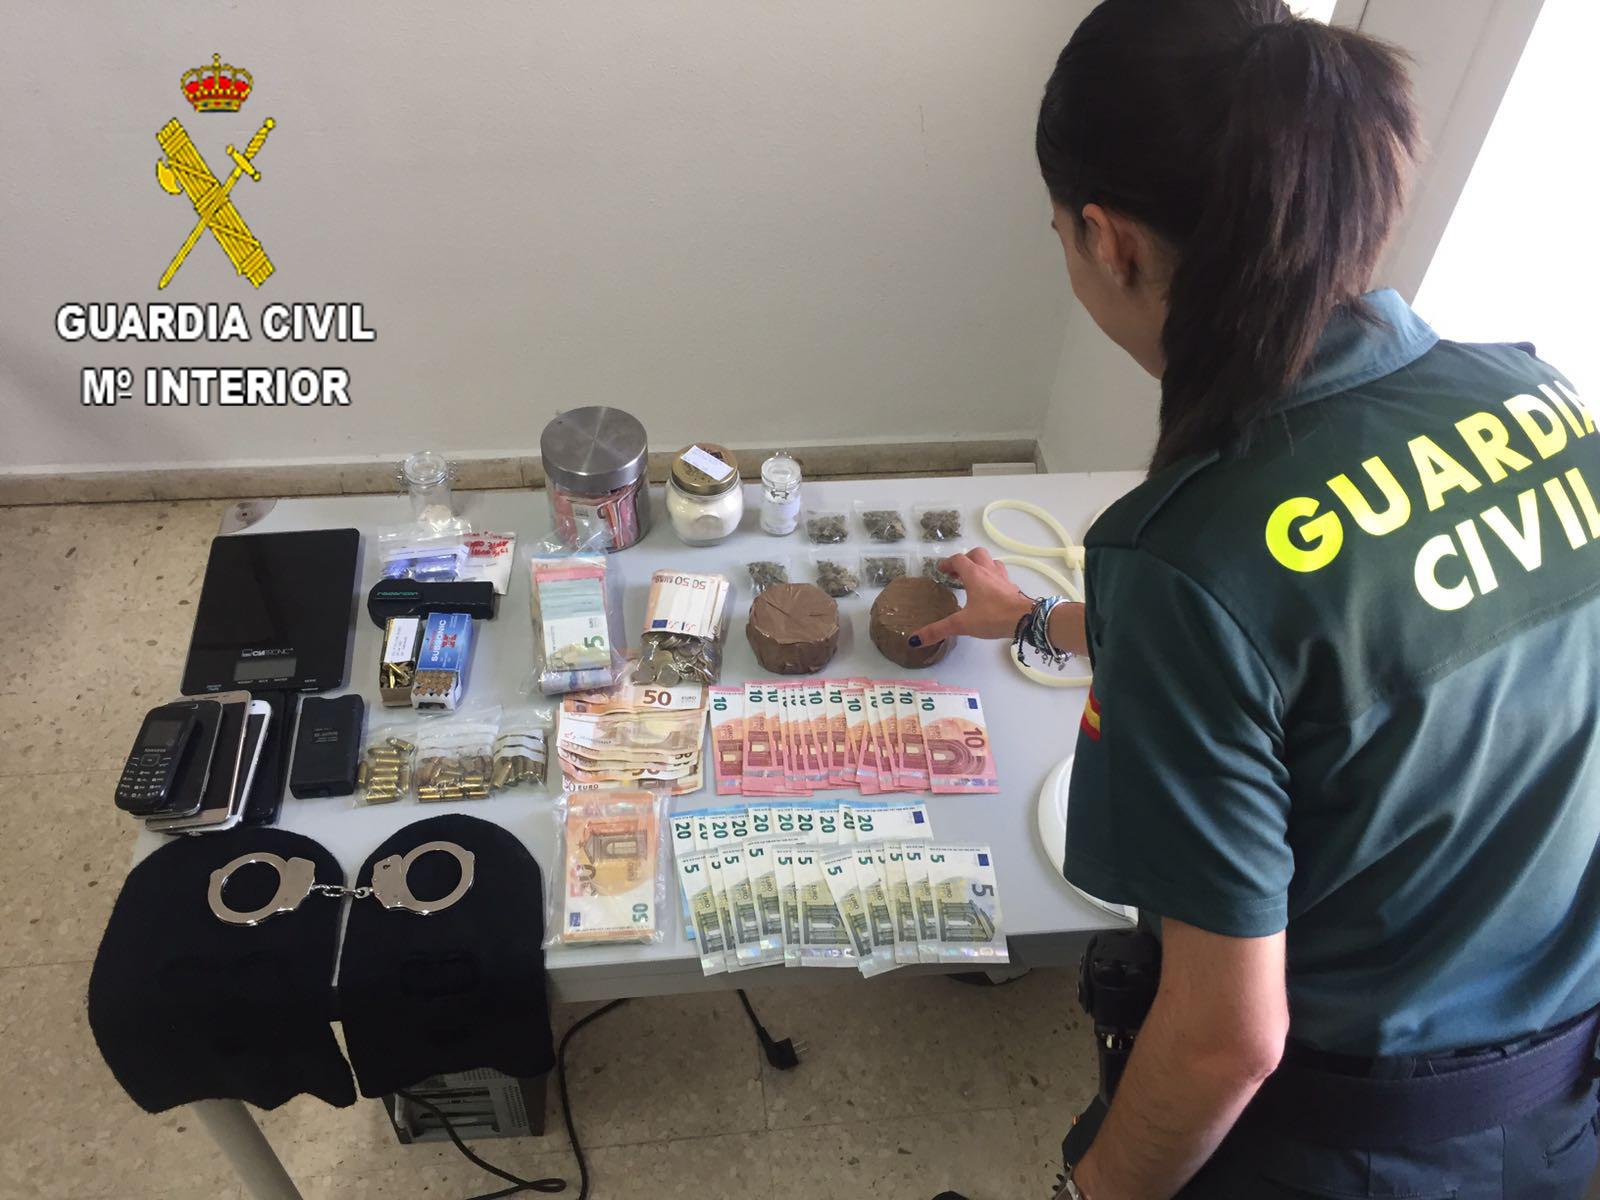 La Guardia Civil desmantela una organización en Cullera, dedicada al trafico de drogas que camuflaba las sustancias en tartas de cumpleaños